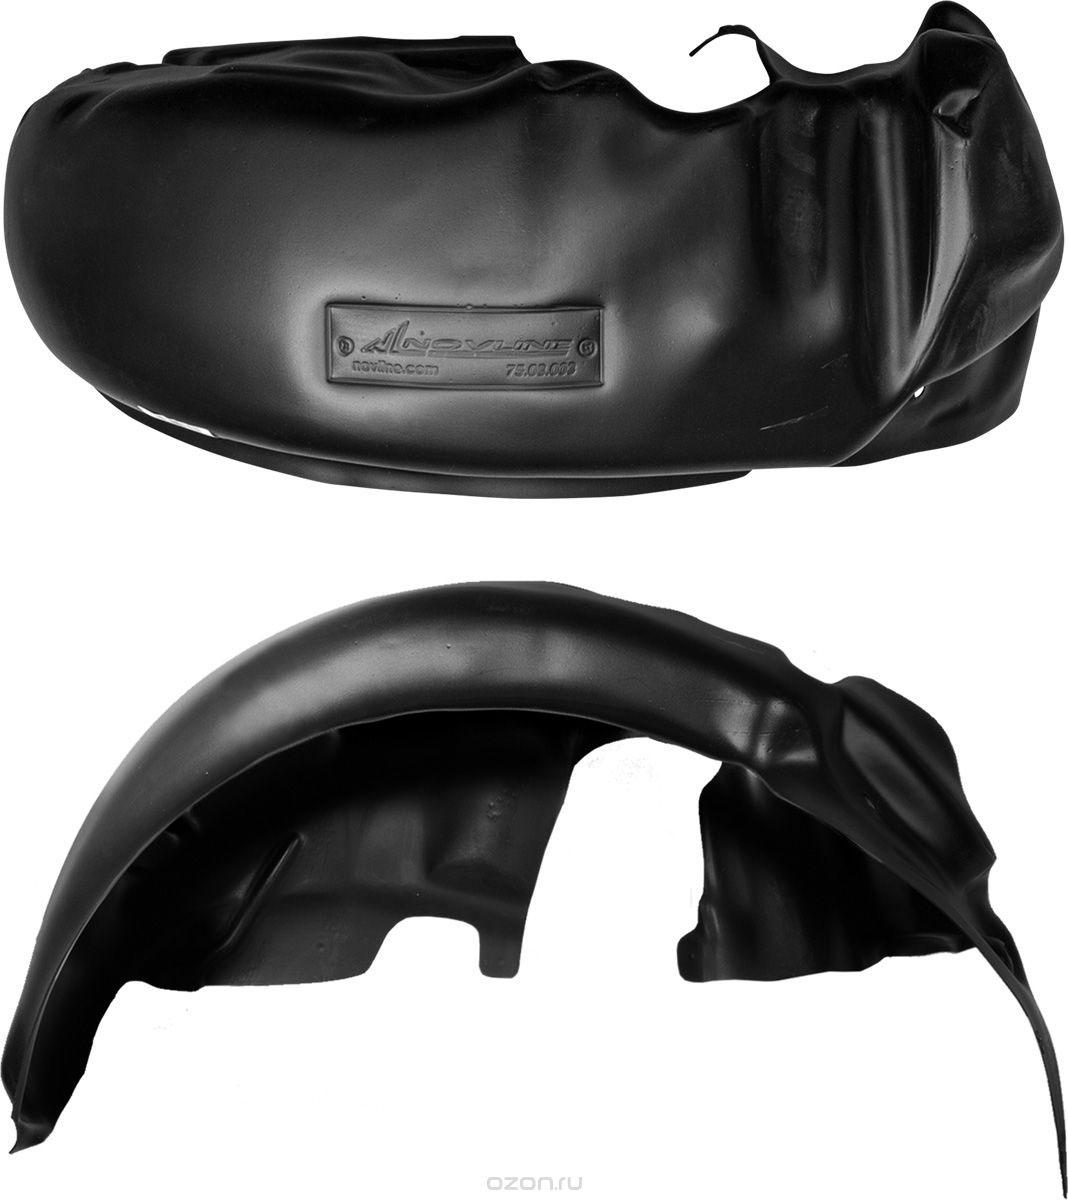 Подкрылок Novline-Autofamily, для CHEVROLET NIVA 3 2002-2008, передний правый42803004Идеальная защита колесной ниши. Локеры разработаны с применением цифровых технологий, гарантируют максимальную повторяемость поверхности арки. Изделия устанавливаются без нарушения лакокрасочного покрытия автомобиля, каждый подкрылок комплектуется крепежом. Уважаемые клиенты, обращаем ваше внимание, что фотографии на подкрылки универсальные и не отражают реальную форму изделия. При этом само изделие идет точно под размер указанного автомобиля.